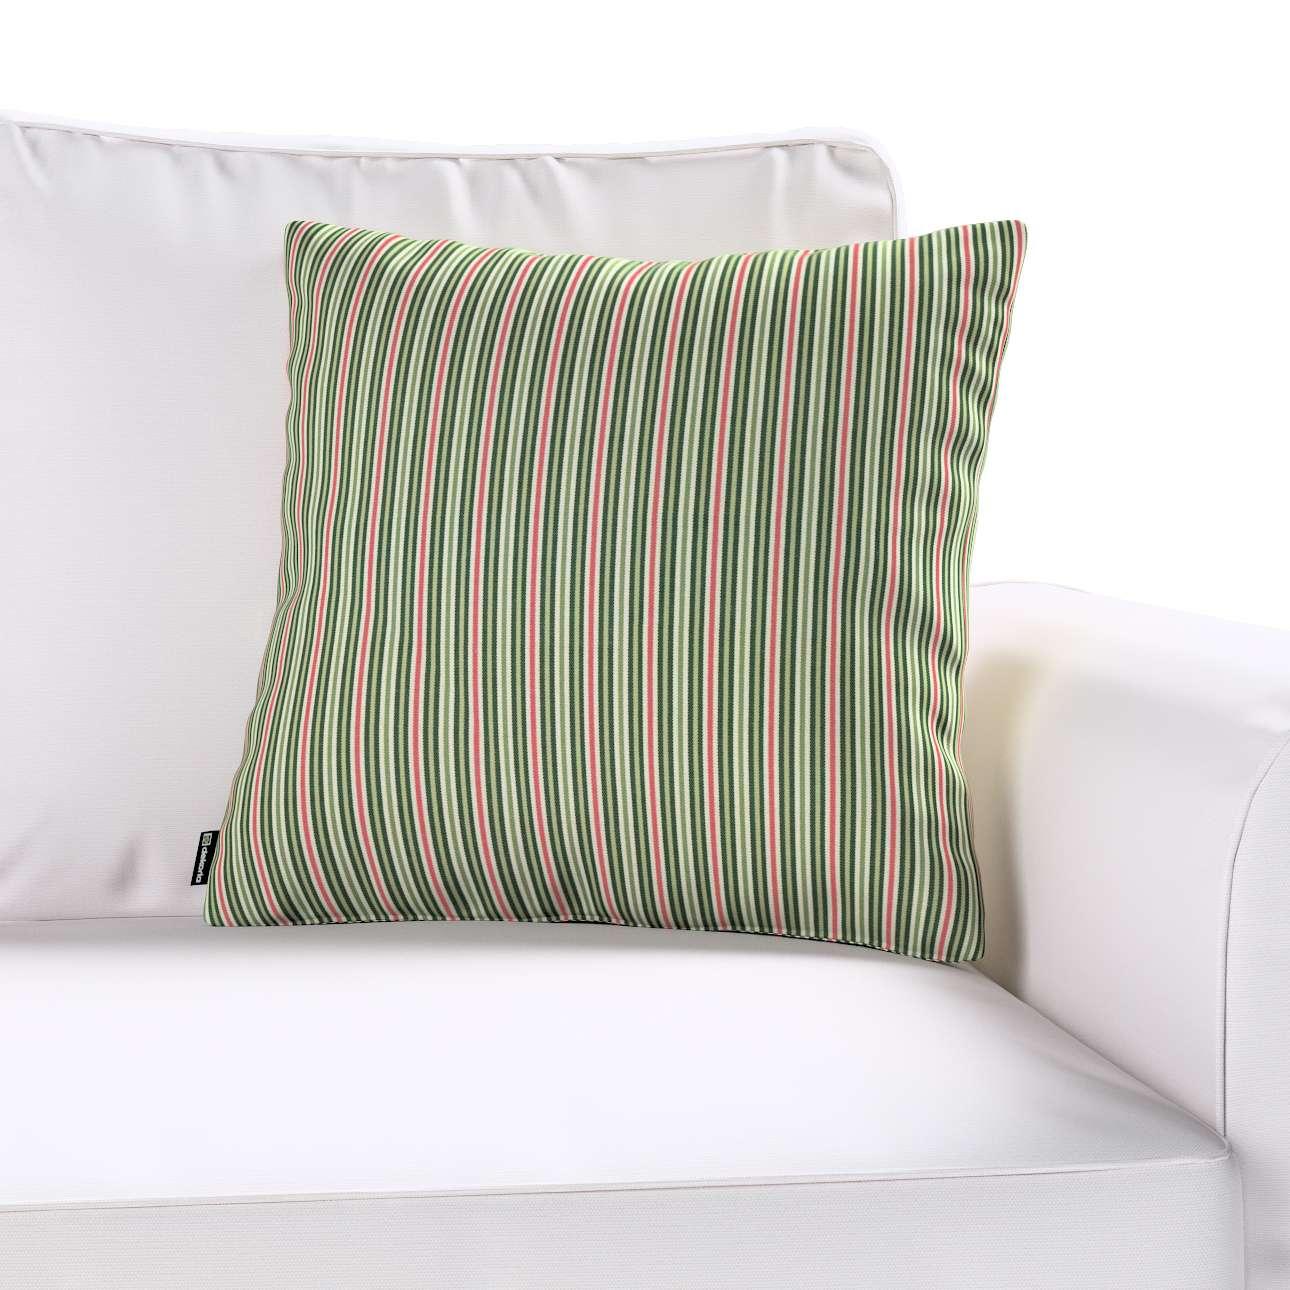 Poszewka Kinga na poduszkę w kolekcji Londres, tkanina: 143-42